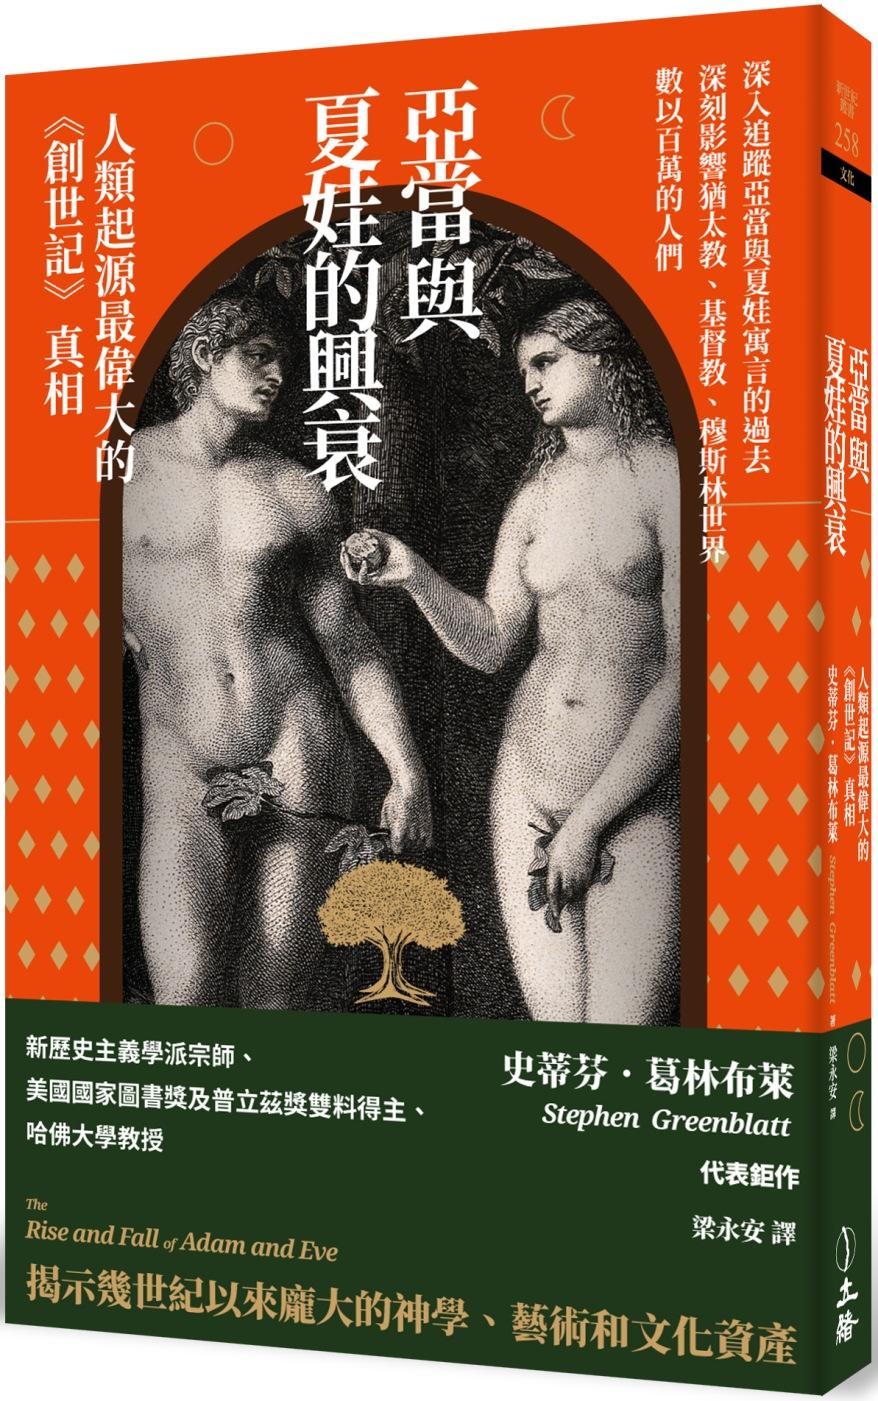 亞當與夏娃的興衰